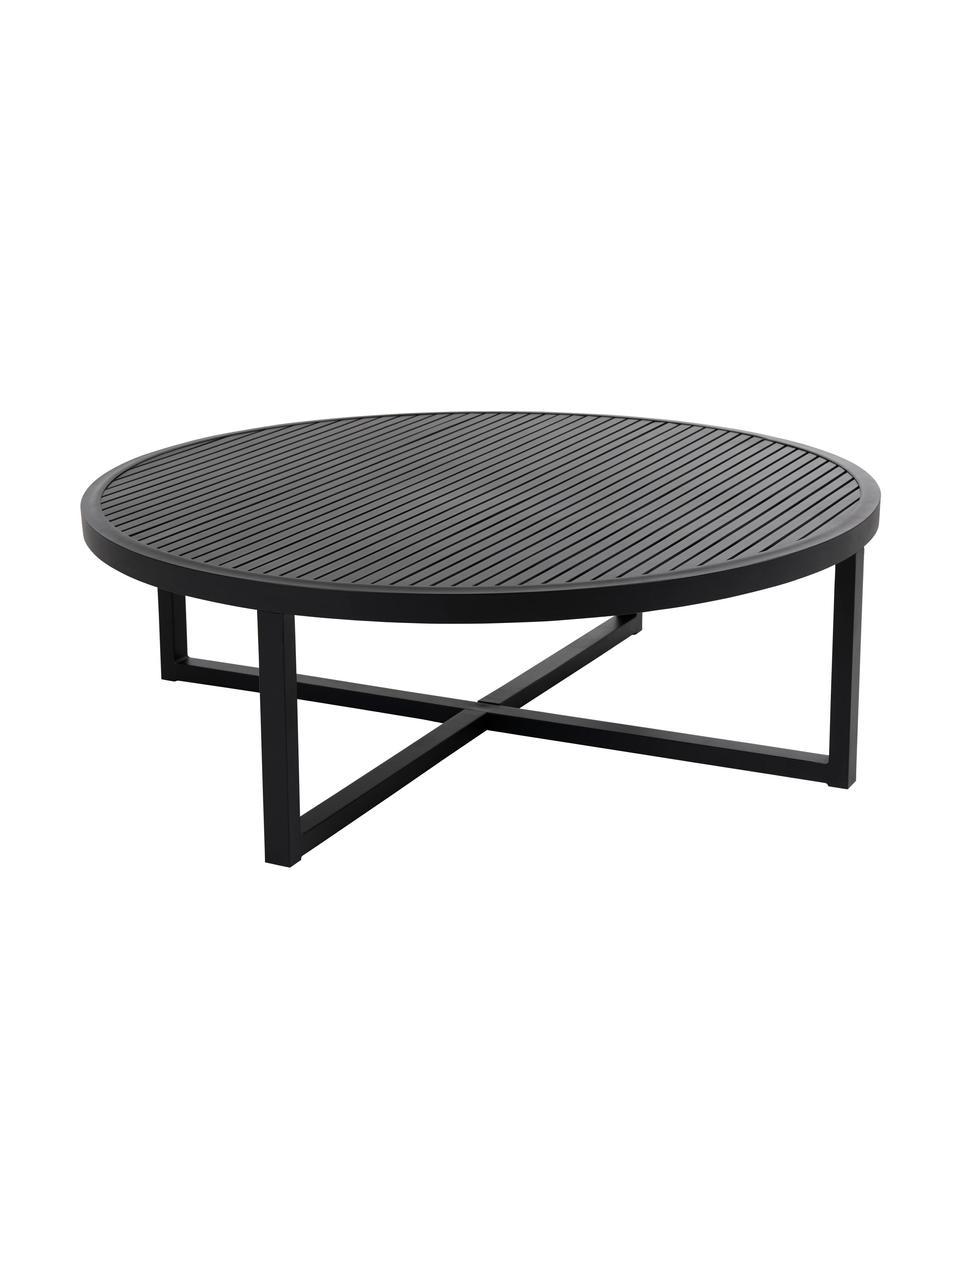 Mesa de centro para exterior Vevi, Aluminio con pintura en polvo, Negro, Ø 100 x Al 40 cm